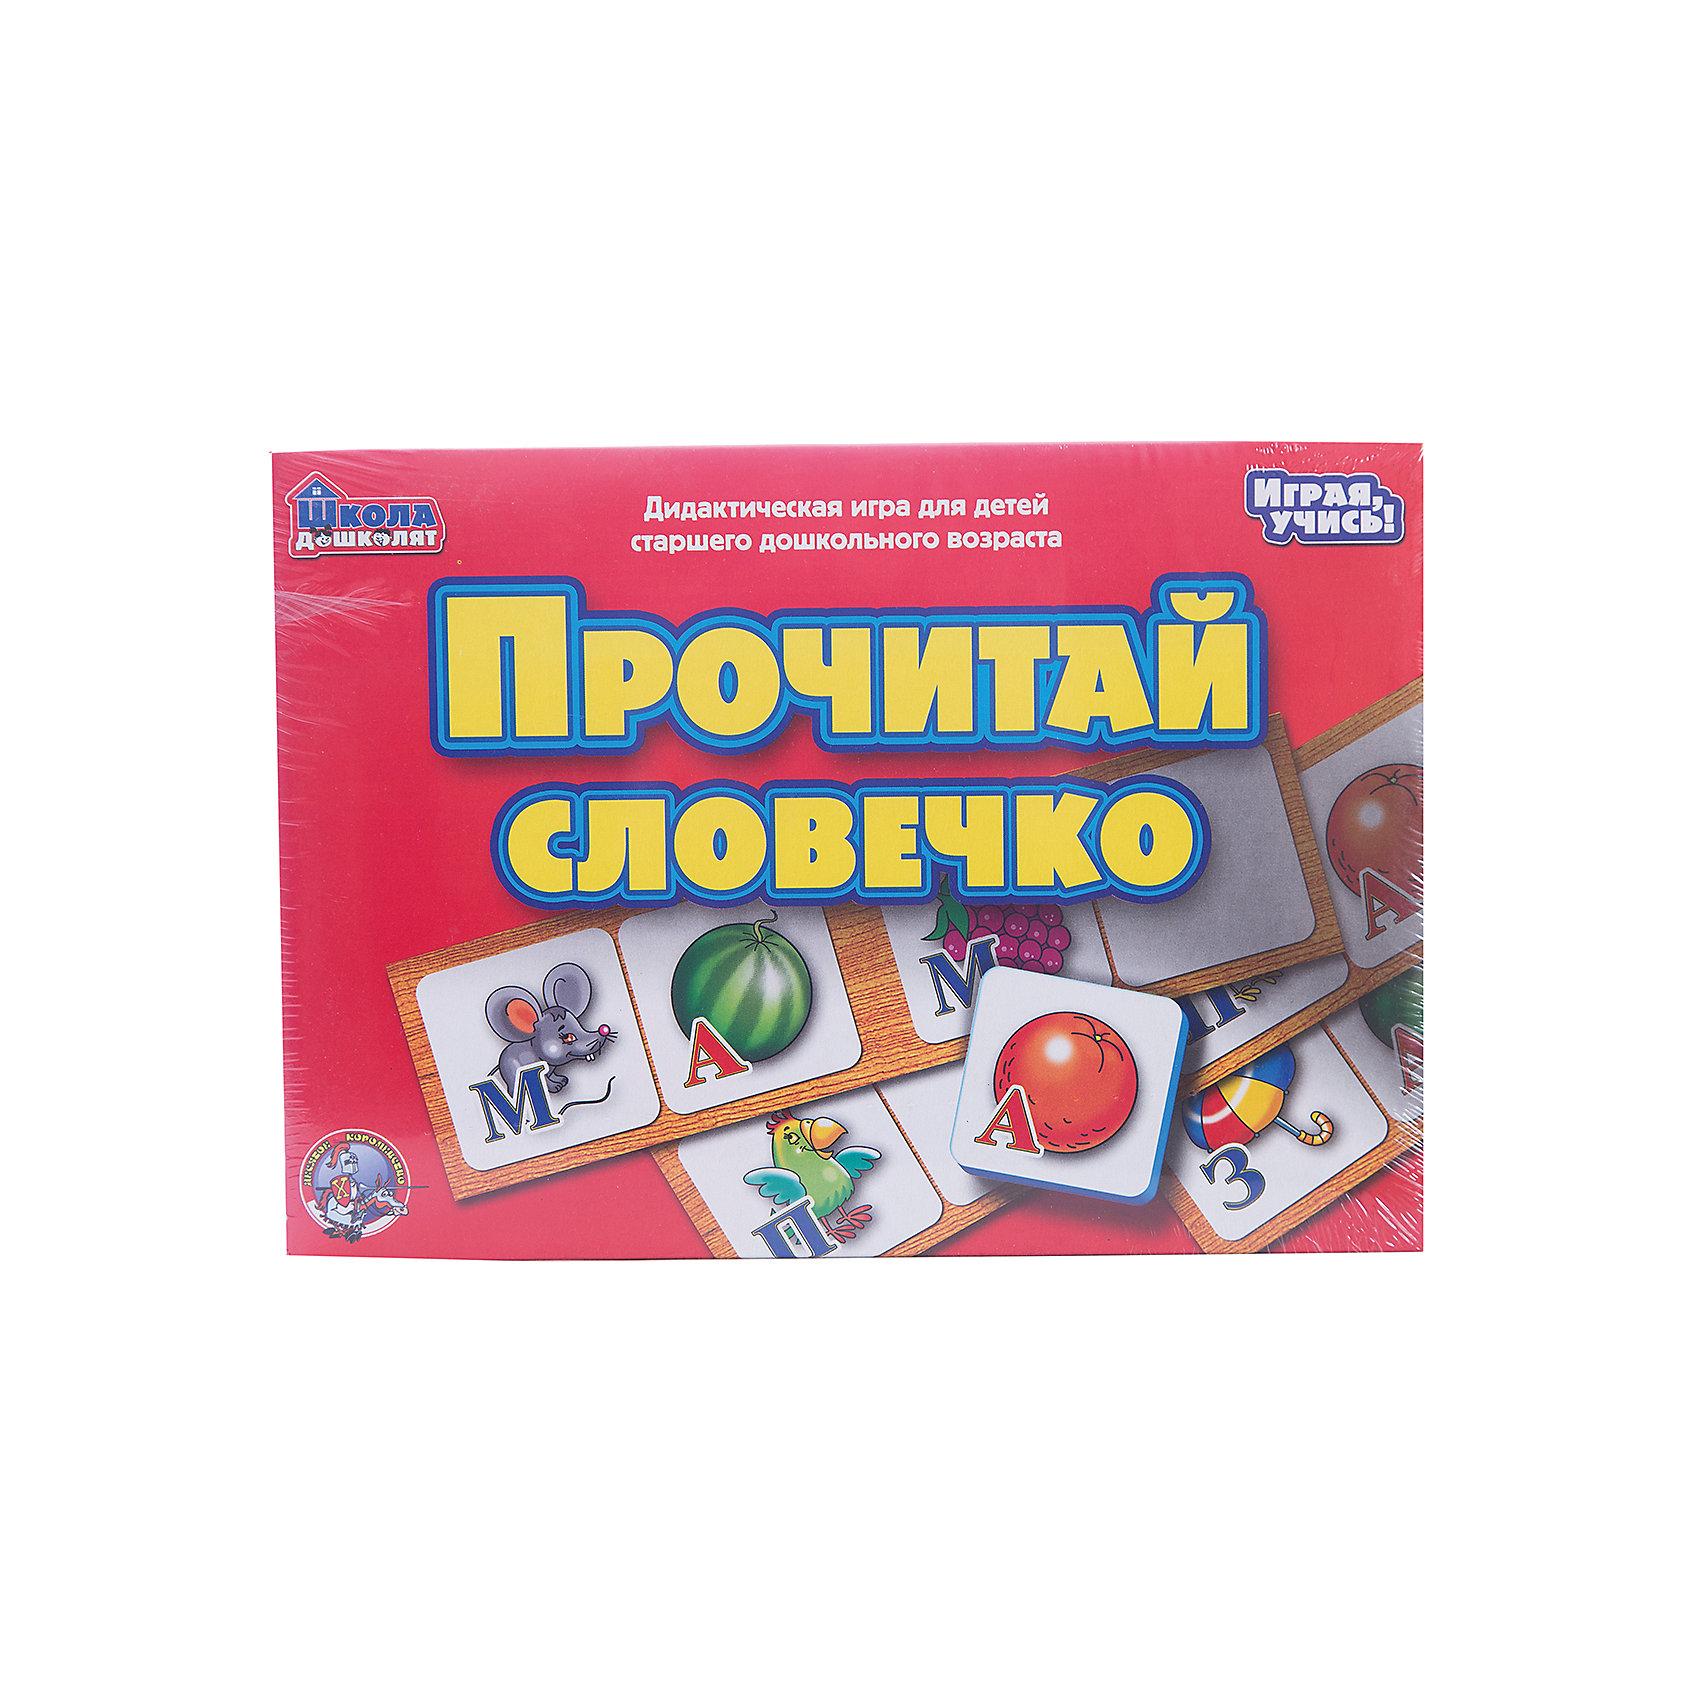 Игра дидактическая Прочитай словечко, Десятое королевствоРазвивающие игры<br>Игра дидактическая Прочитай словечко, Десятое королевство<br><br>Характеристики: <br><br>• Возраст: от 5 лет<br>• Материал: картон<br>• В комплекте: 22 карточки<br><br>Это не только игра, но и учебное пособие для обучения и тренировки детей составлению и правописанию слов. В наборе содержится 22 карточки, на каждой из которых напечатано одно короткое слово с пропущенными буквами. Игрокам необходимо найти верные буквы и назвать загаданное слово. Благодаря высокой вариативности, с этим набором можно заниматься даже в группе детей.<br><br>Игра дидактическая Прочитай словечко, Десятое королевство можно купить в нашем интернет-магазине.<br><br>Ширина мм: 280<br>Глубина мм: 195<br>Высота мм: 45<br>Вес г: 315<br>Возраст от месяцев: 60<br>Возраст до месяцев: 84<br>Пол: Унисекс<br>Возраст: Детский<br>SKU: 5473781